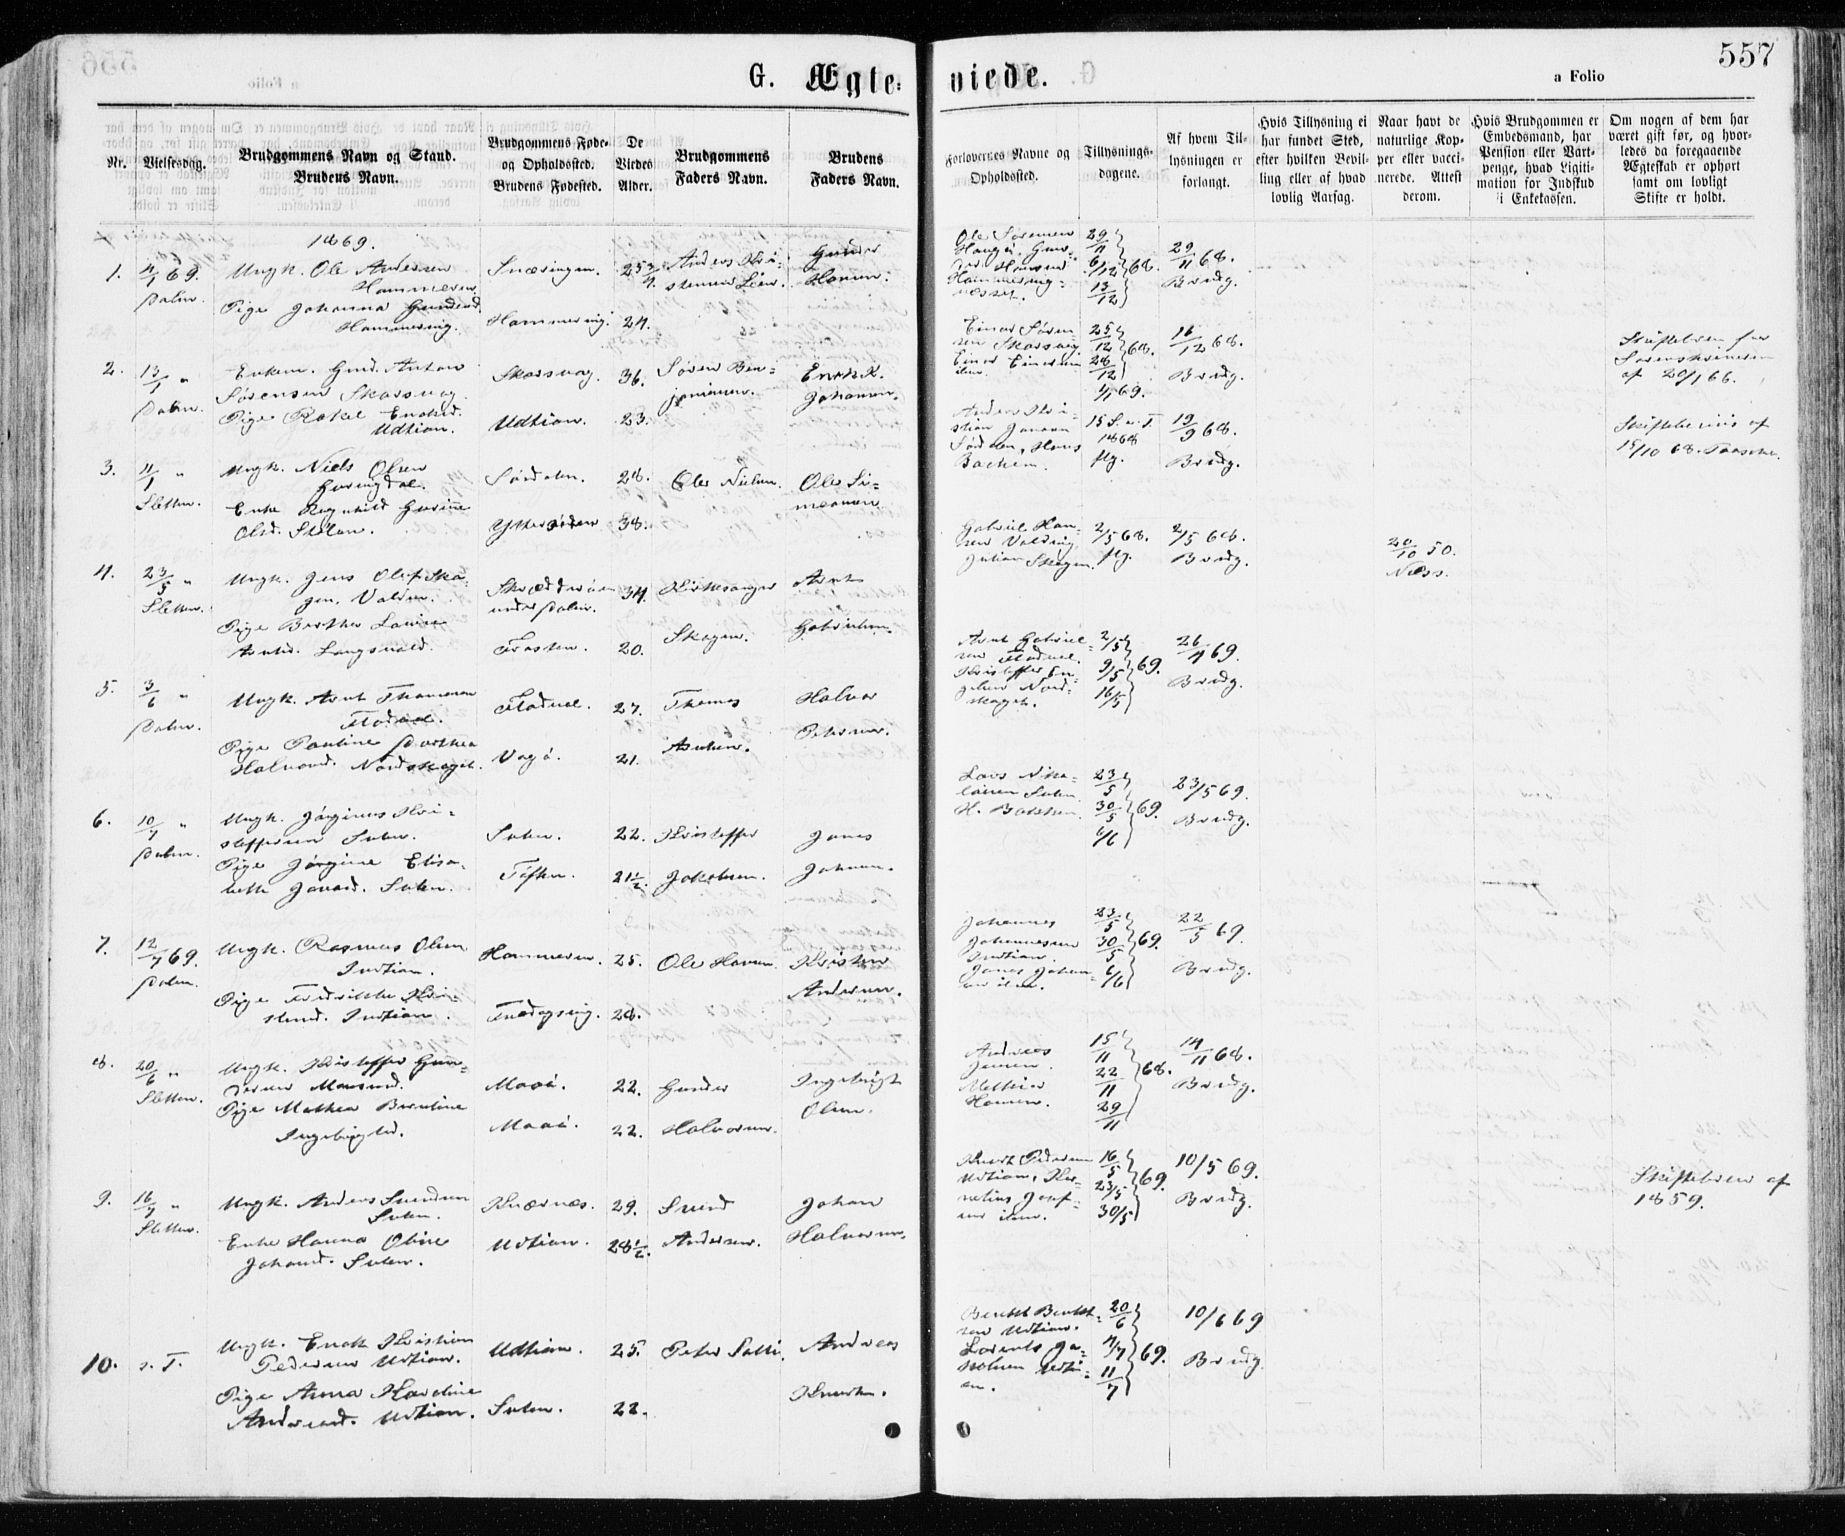 SAT, Ministerialprotokoller, klokkerbøker og fødselsregistre - Sør-Trøndelag, 640/L0576: Ministerialbok nr. 640A01, 1846-1876, s. 557